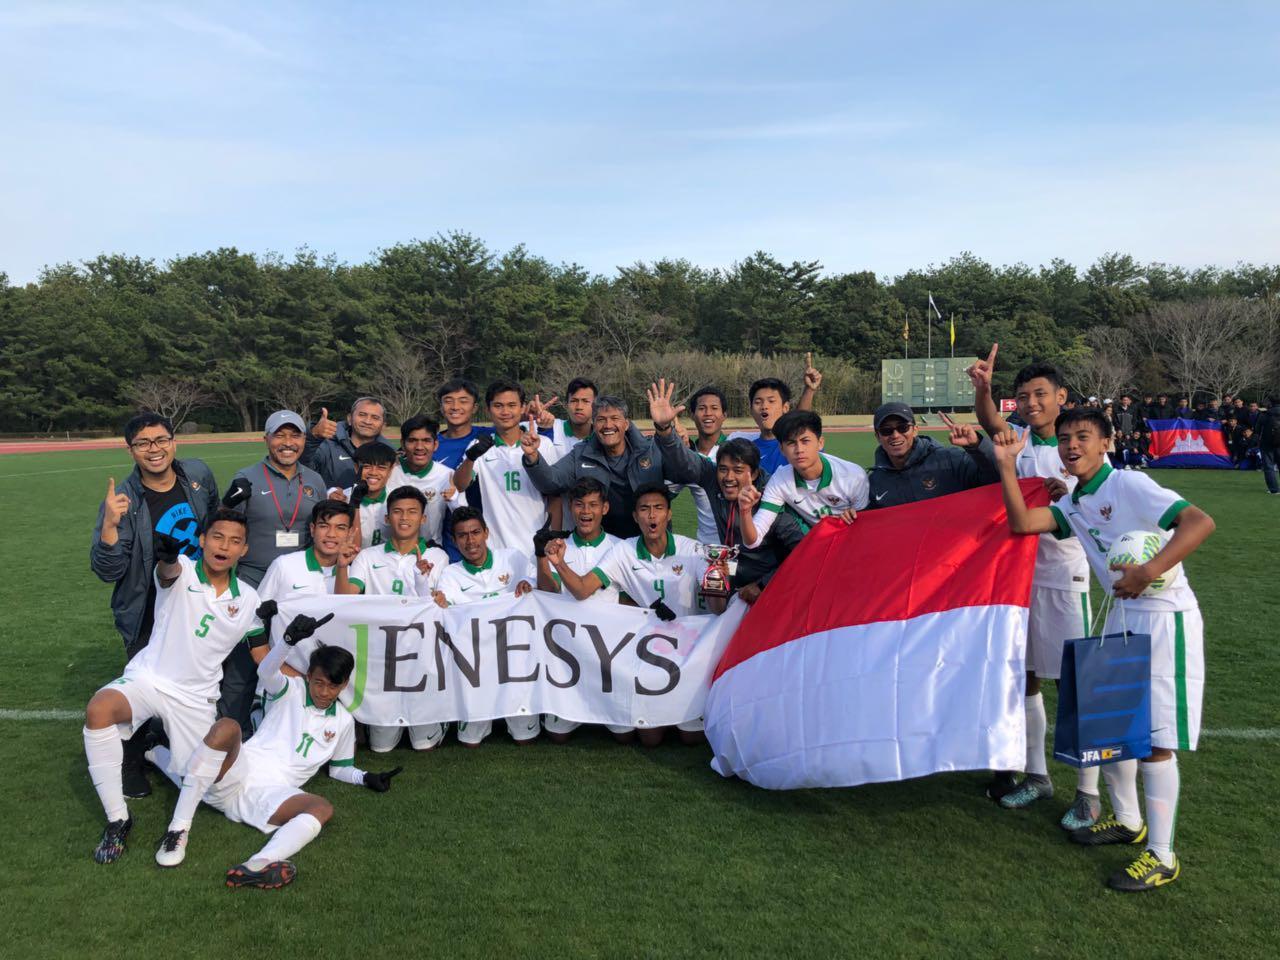 Timnas Indonesia U-16 meraih gelar juara turnamen Jenesys di Jepang. Di babak final, Timnas Indonesia U-16 mengalahkan Vietnam U-16 dengan skor 1-0, Senin (12/3/2018) di Kirishima Yamazakura Miyazaki Prefectural Comprehensive Sports Park. (Dok: PSSI)